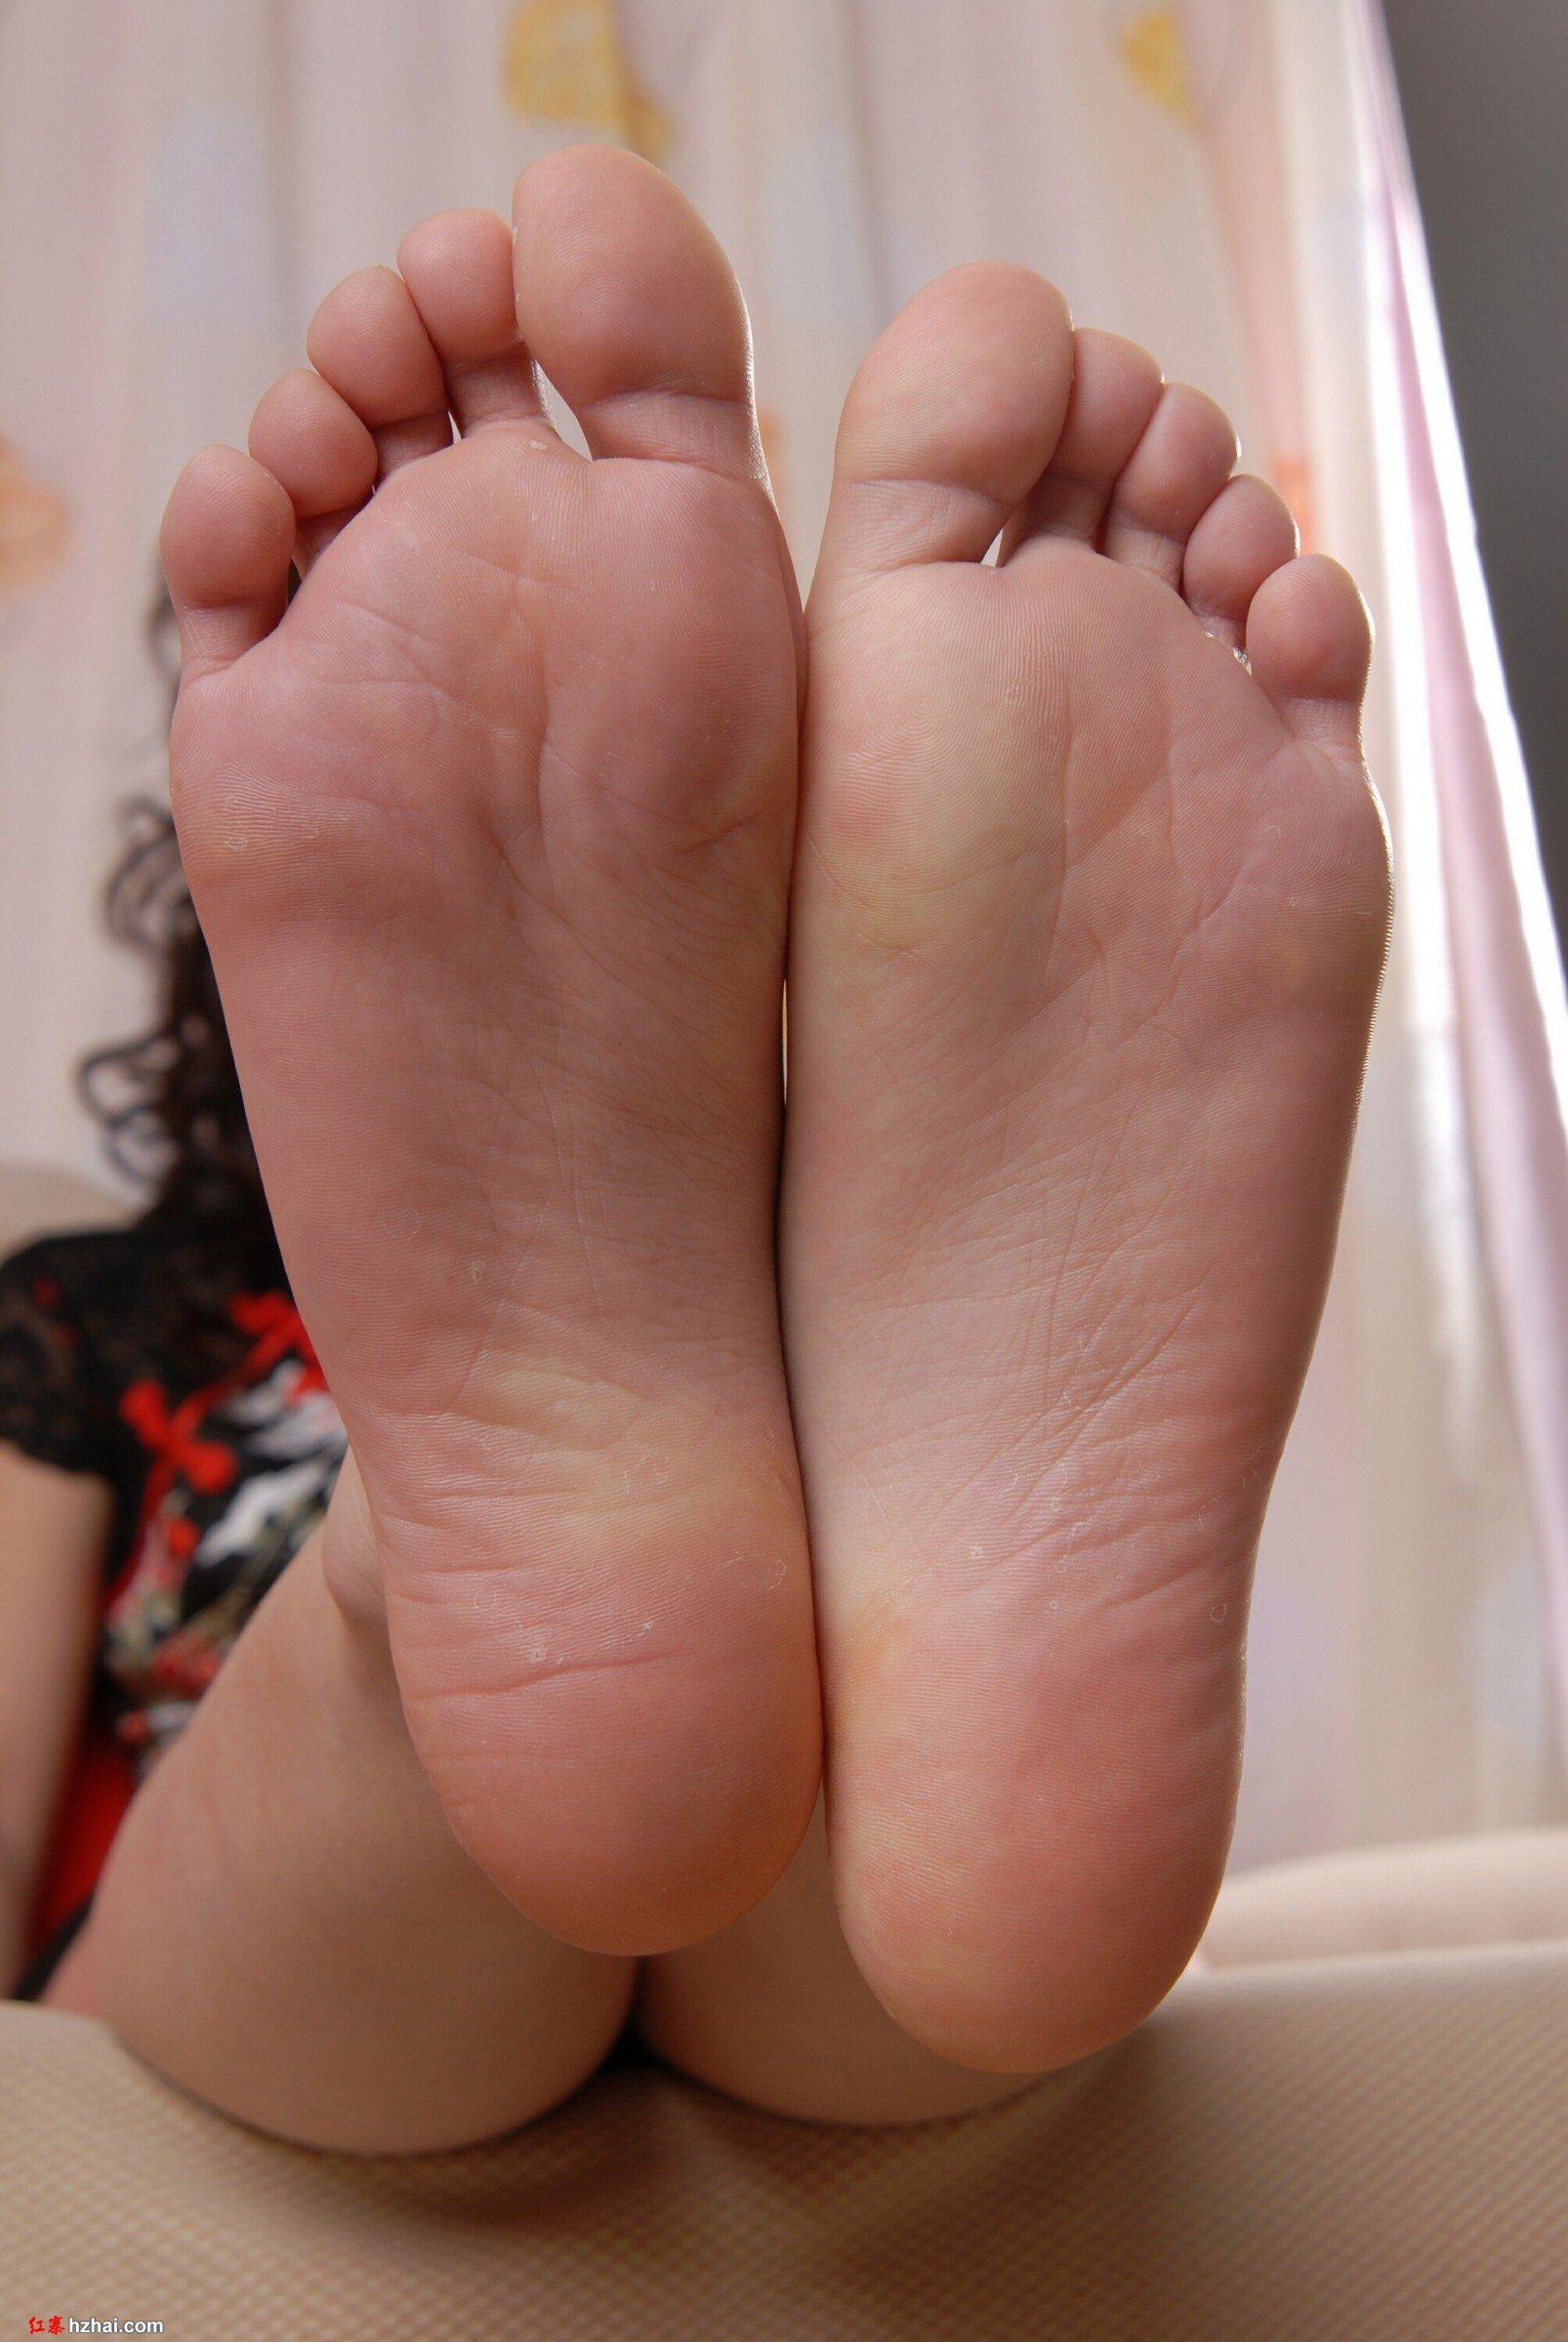 谁有嫩脚丫的图片给我发几张?我恋足